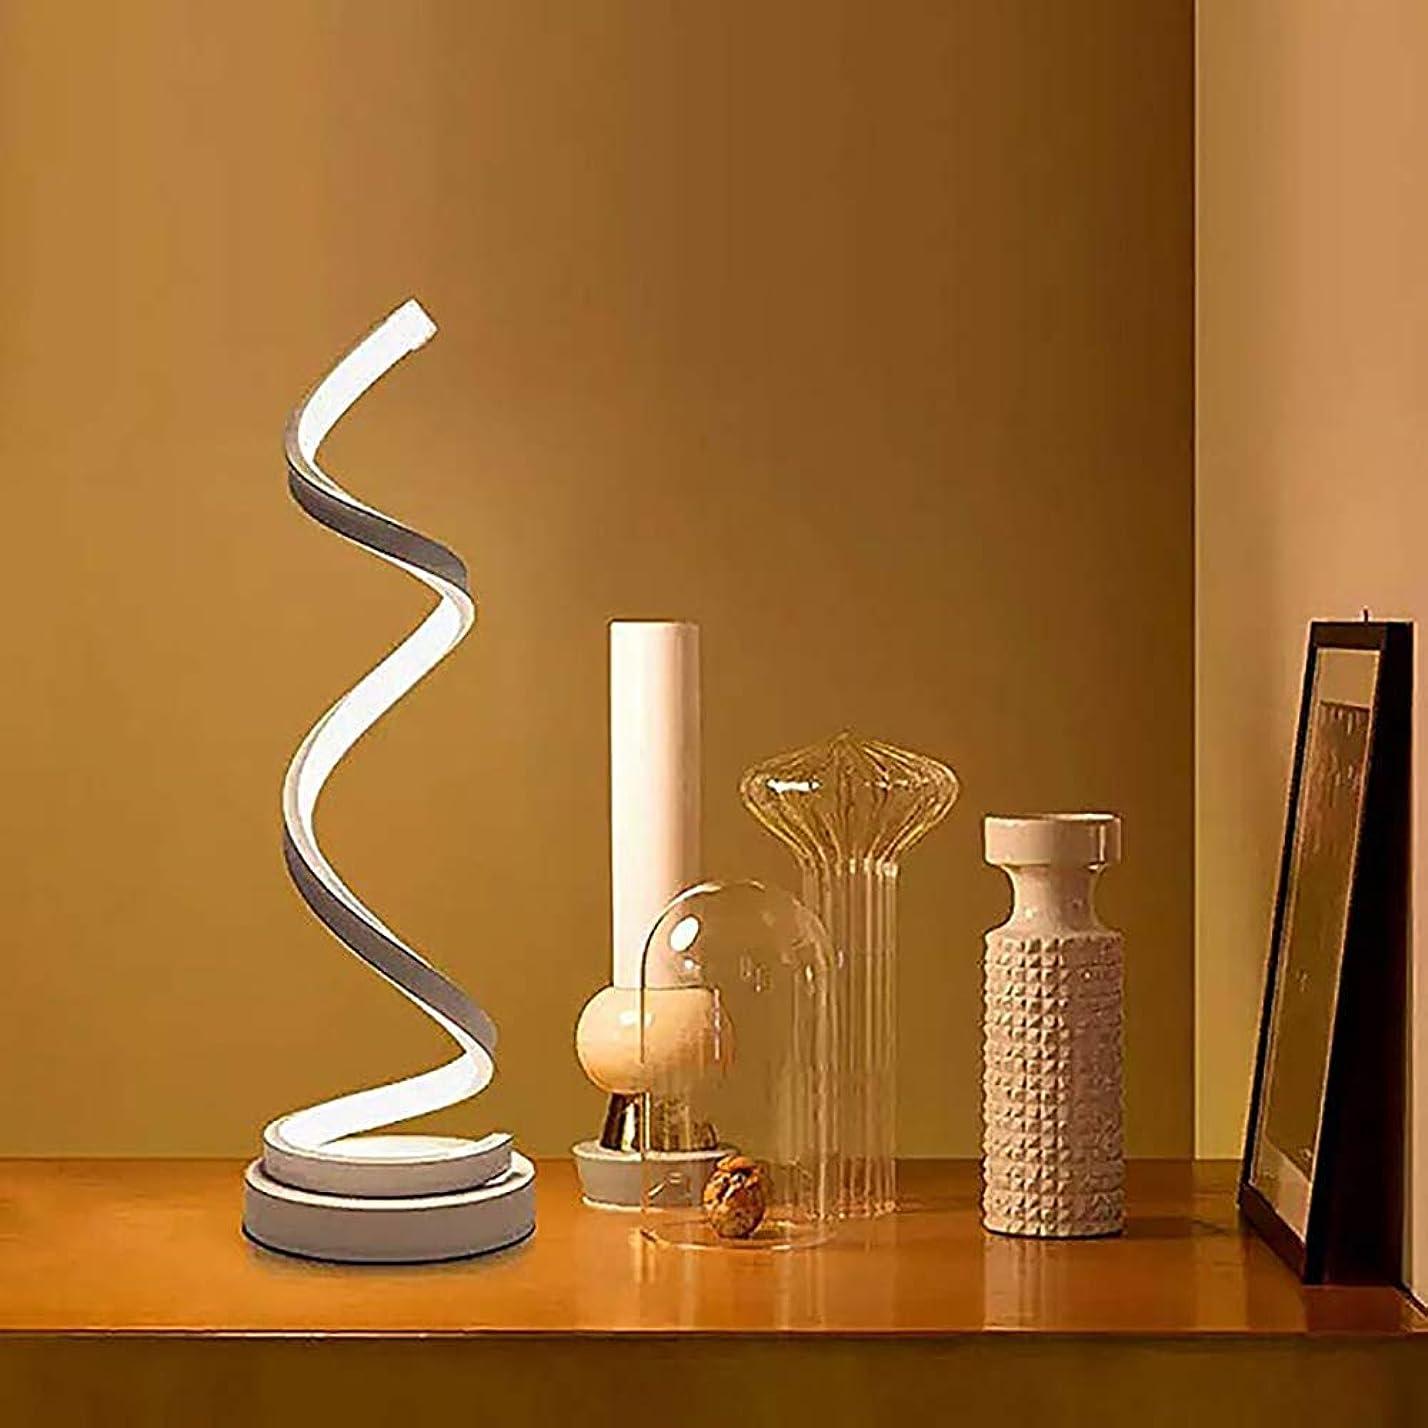 毎回アーカイブ発見する湾曲したLEDデスクランプLEDスパイラルテーブルランプ、モダンなデスクのベッドサイドランプ、リビングルームと寝室の調光可能な暖かい白色光、EUプラグ